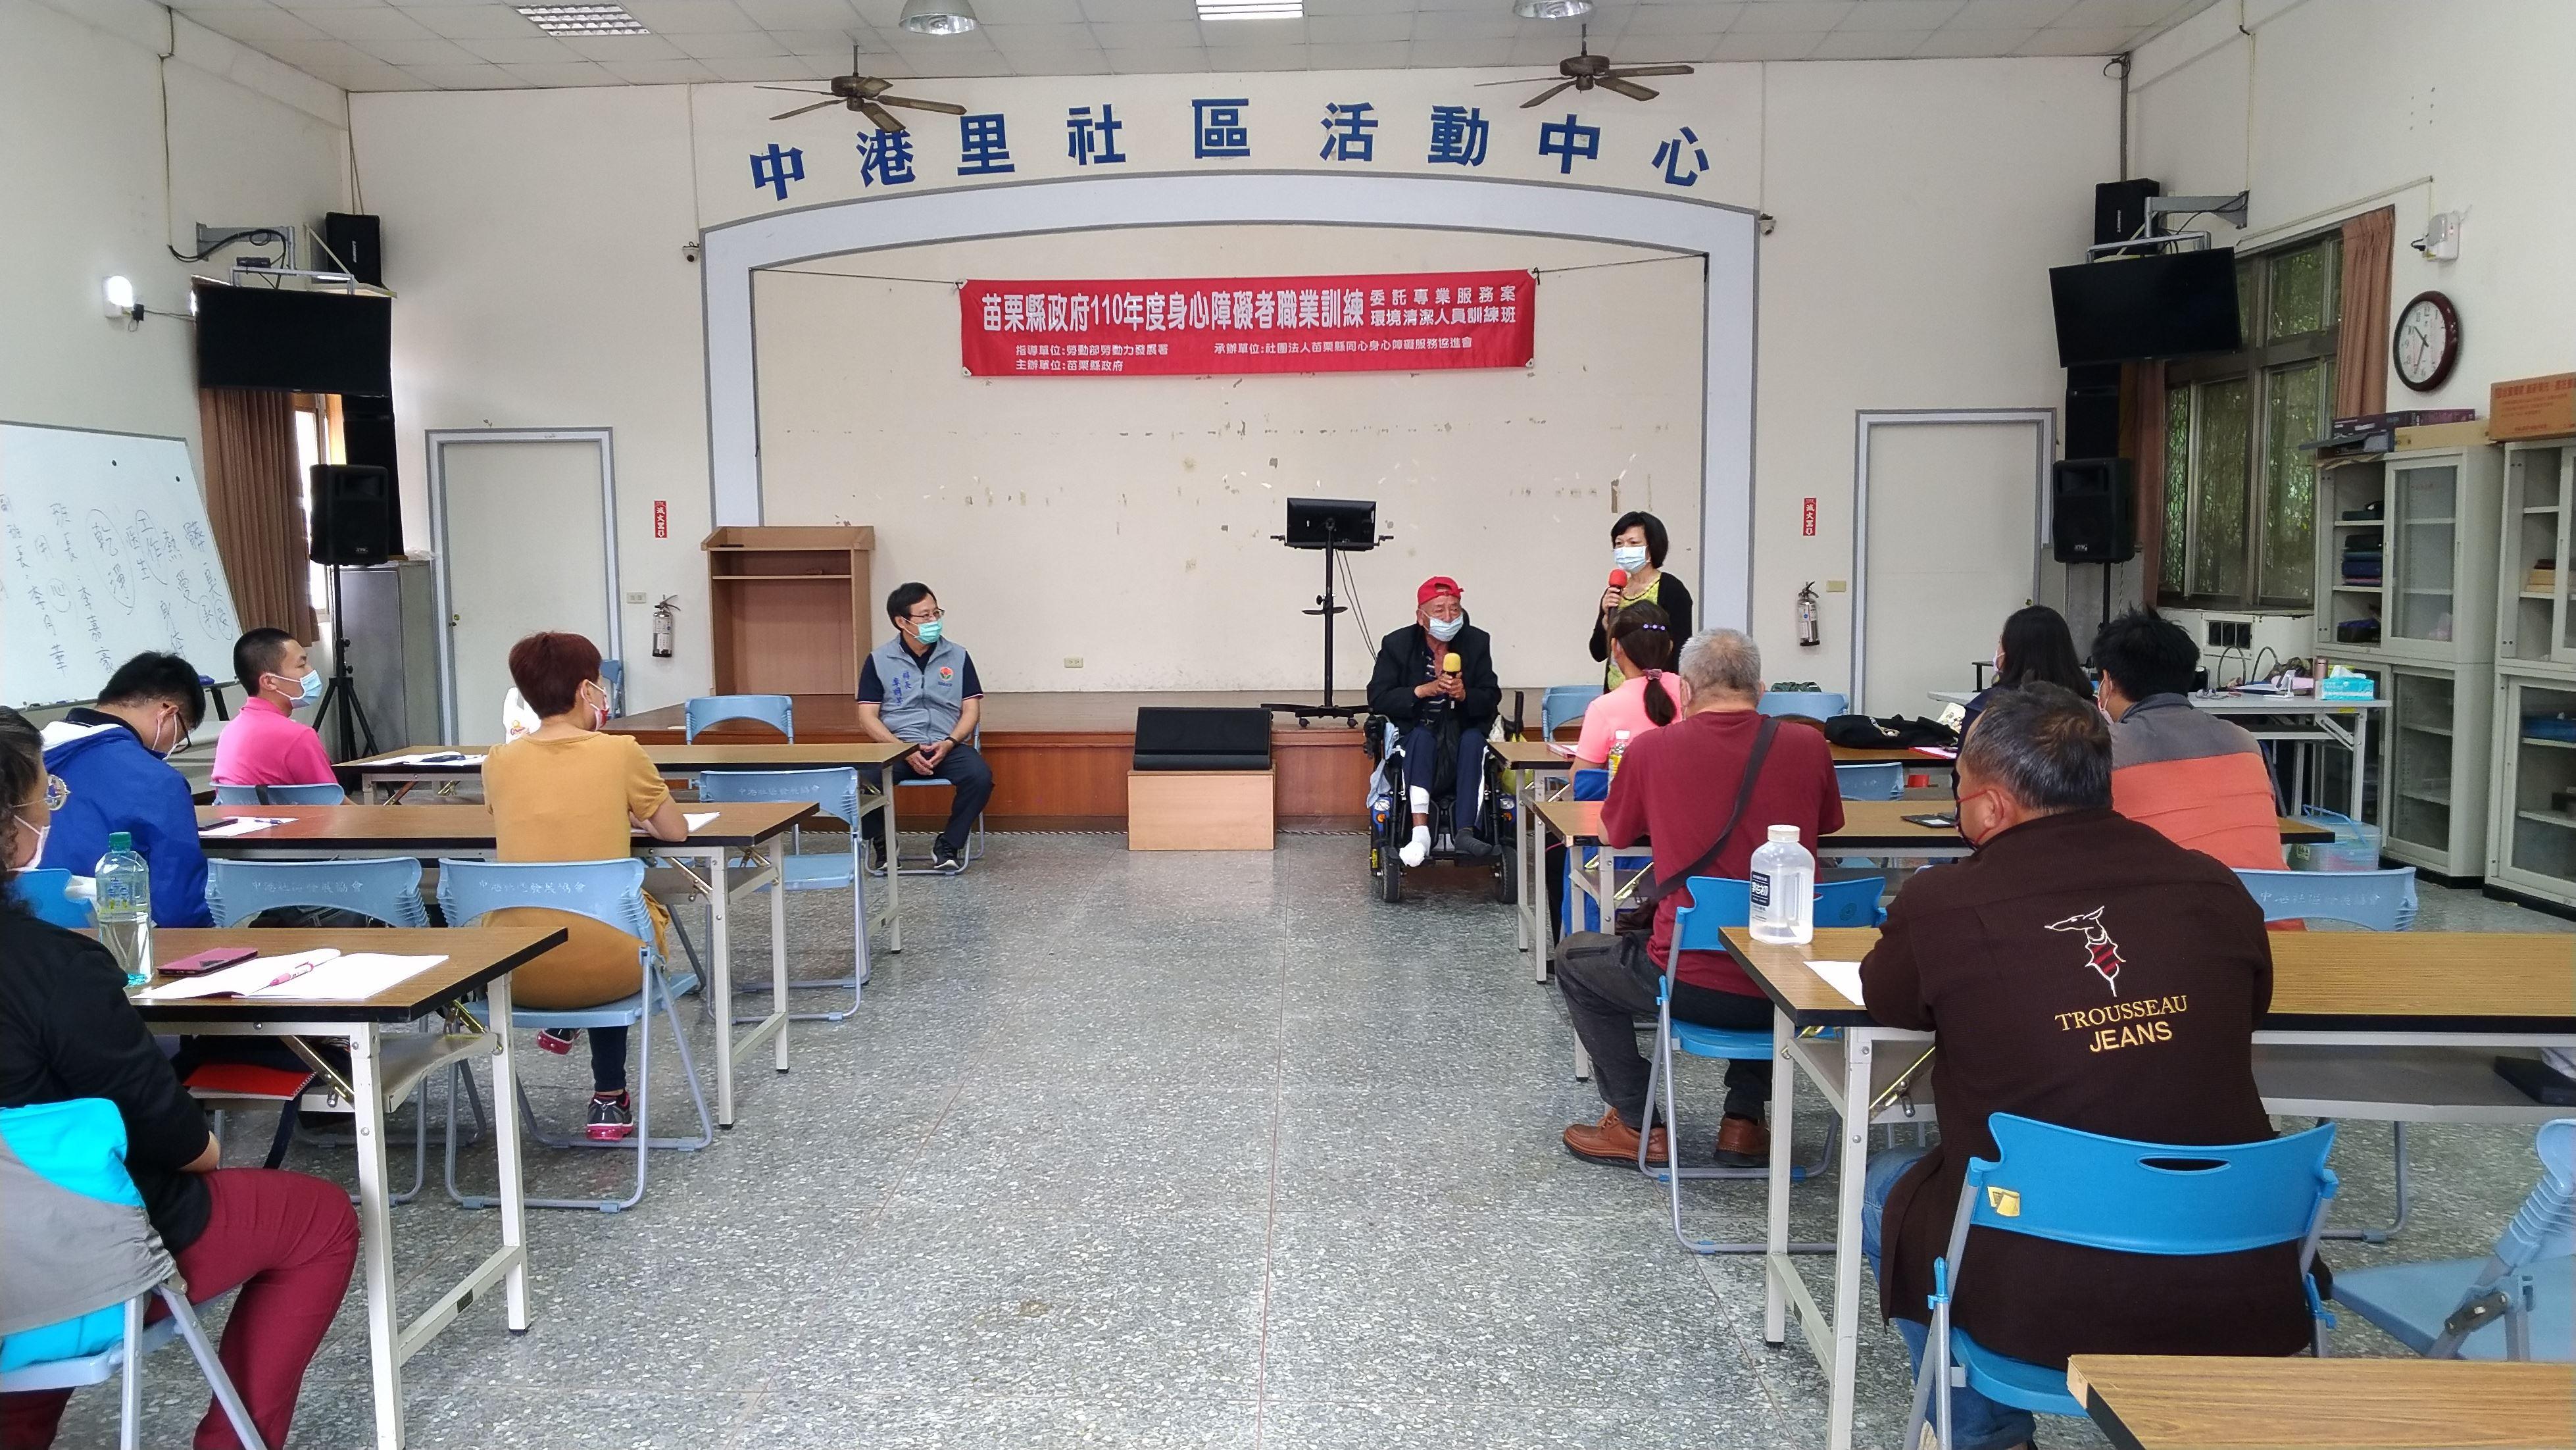 110年身障職訓-清潔班開訓照片3